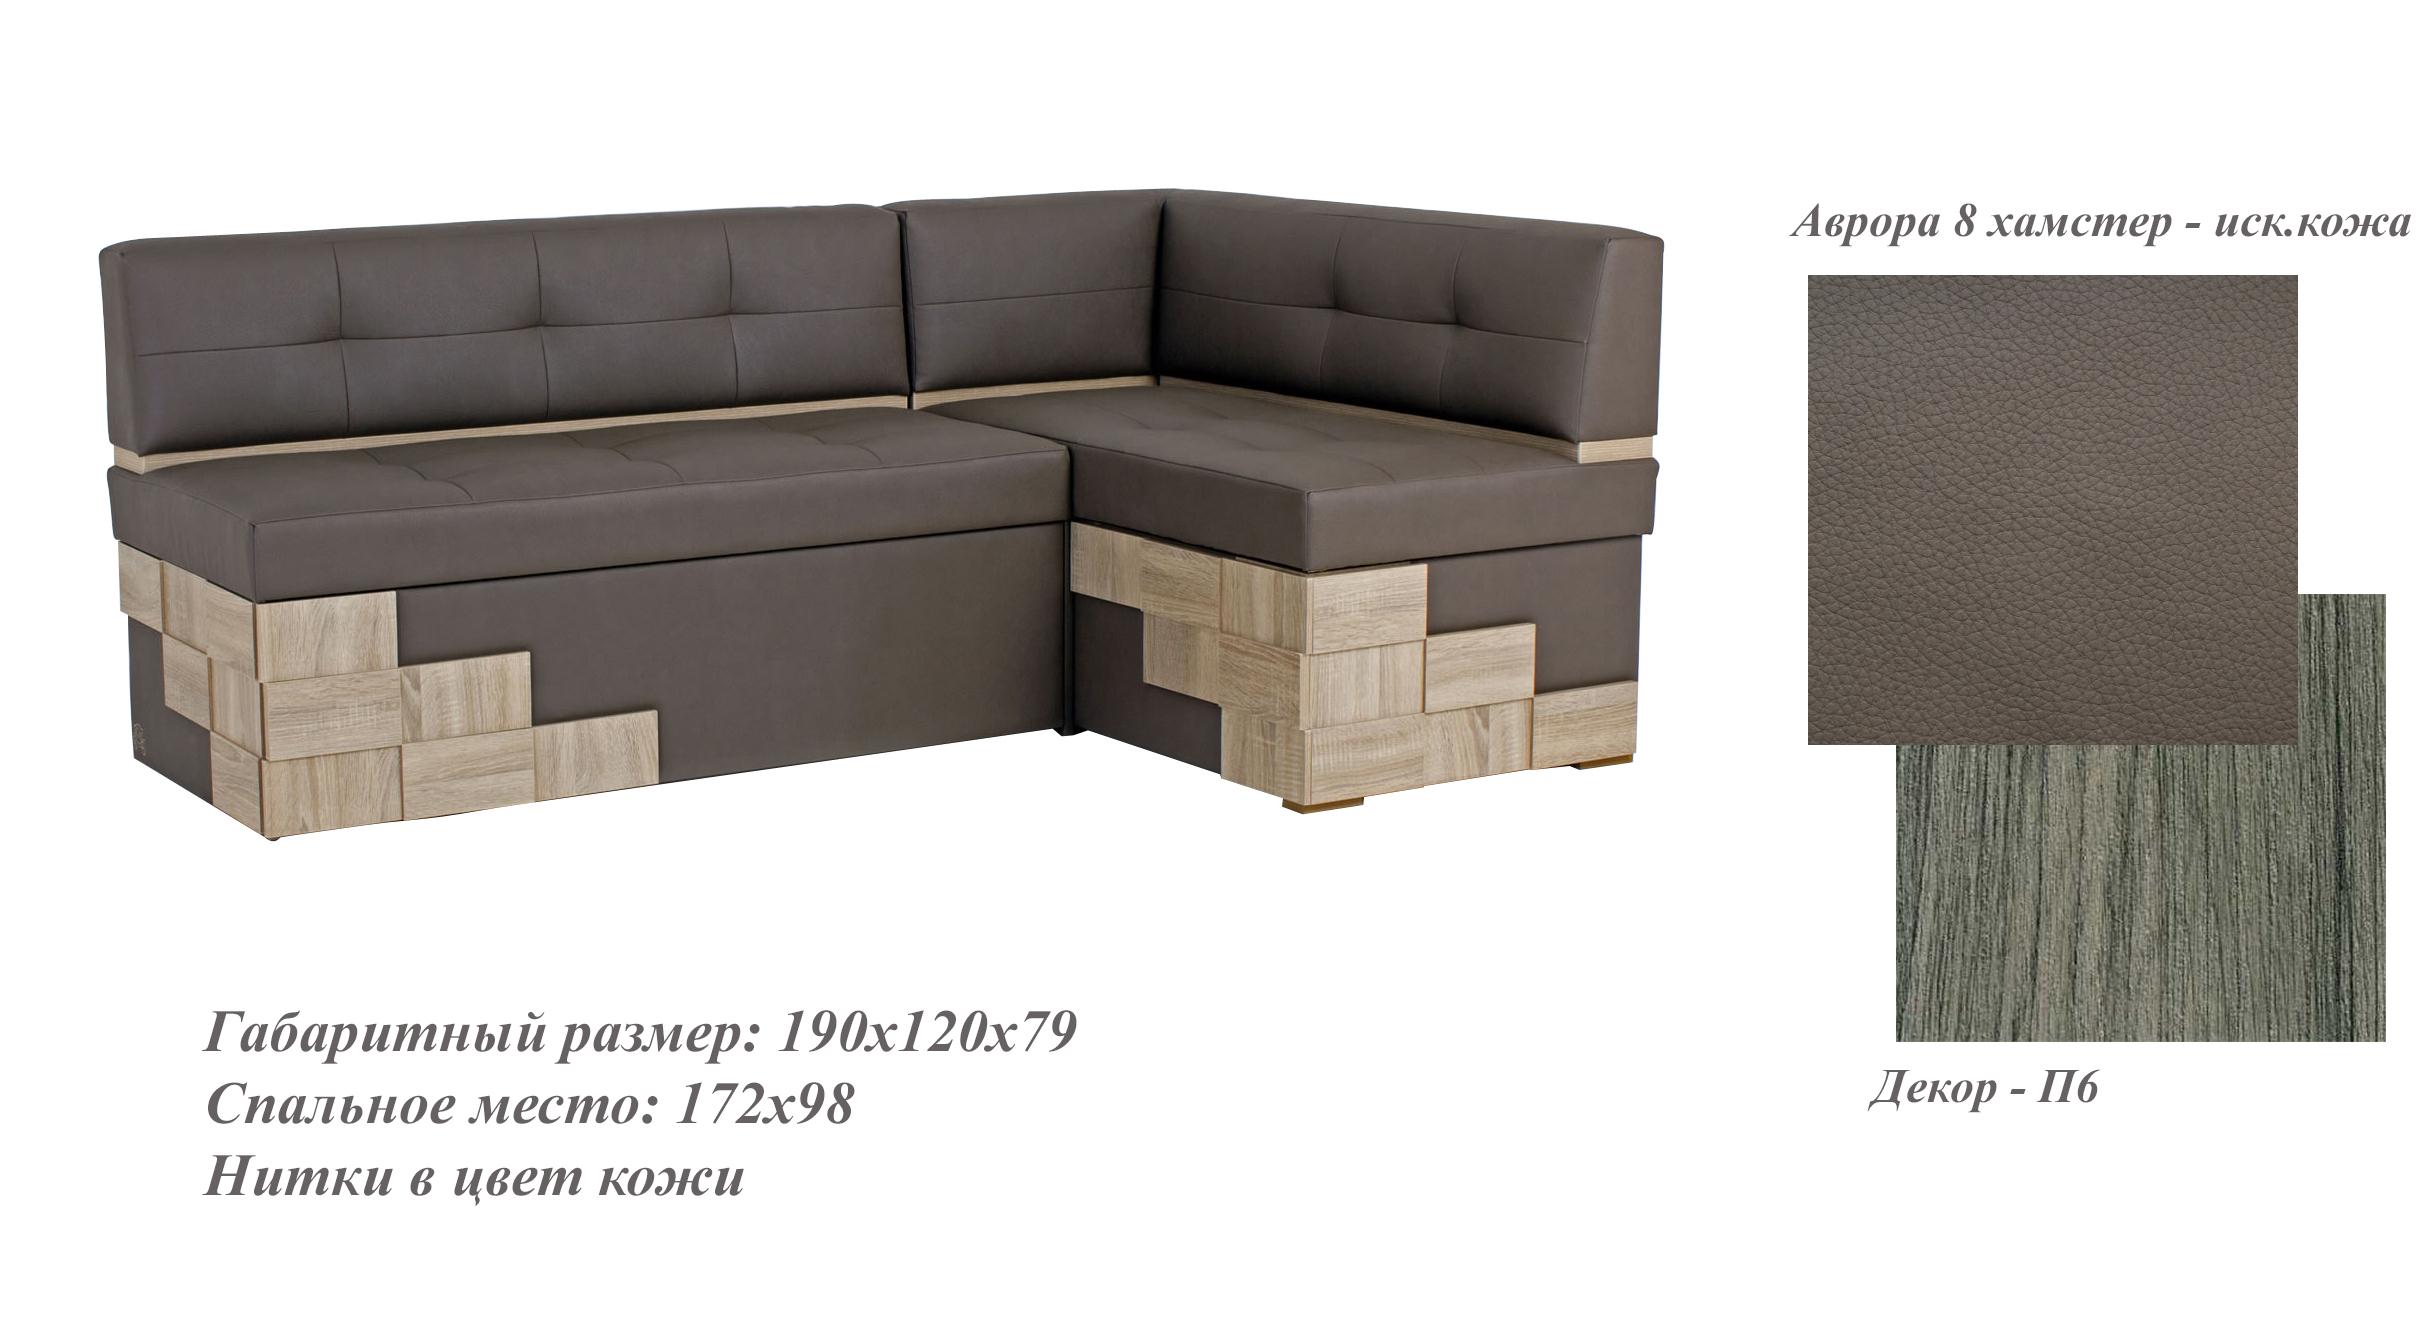 Кухонный угловой диван Редвиг-Аврора